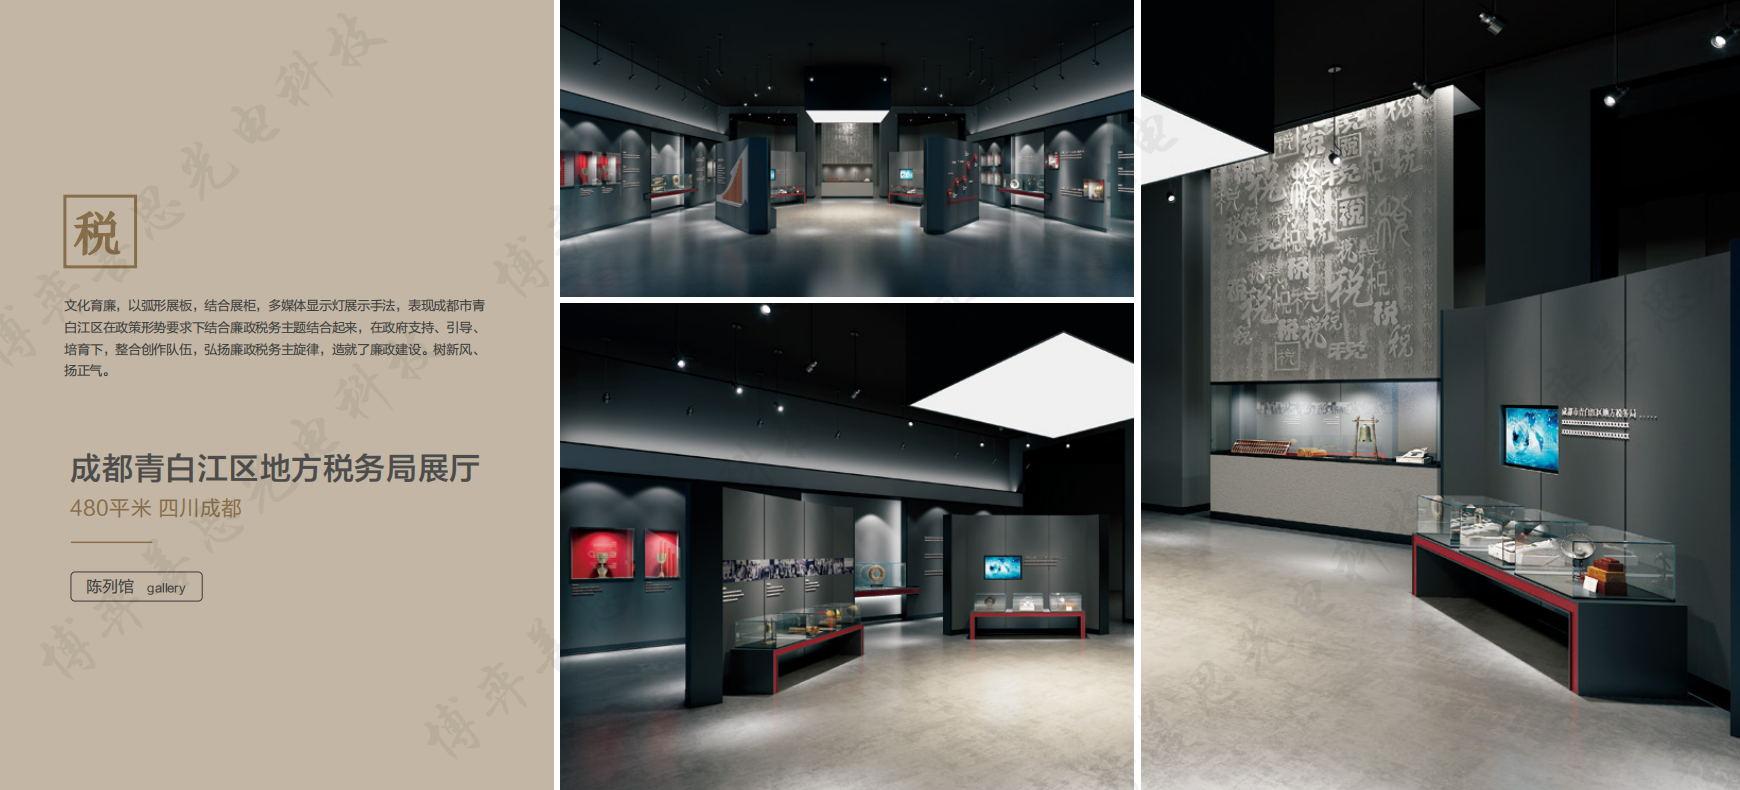 四川展厅设计施工-成都青白江区地方税务局展厅